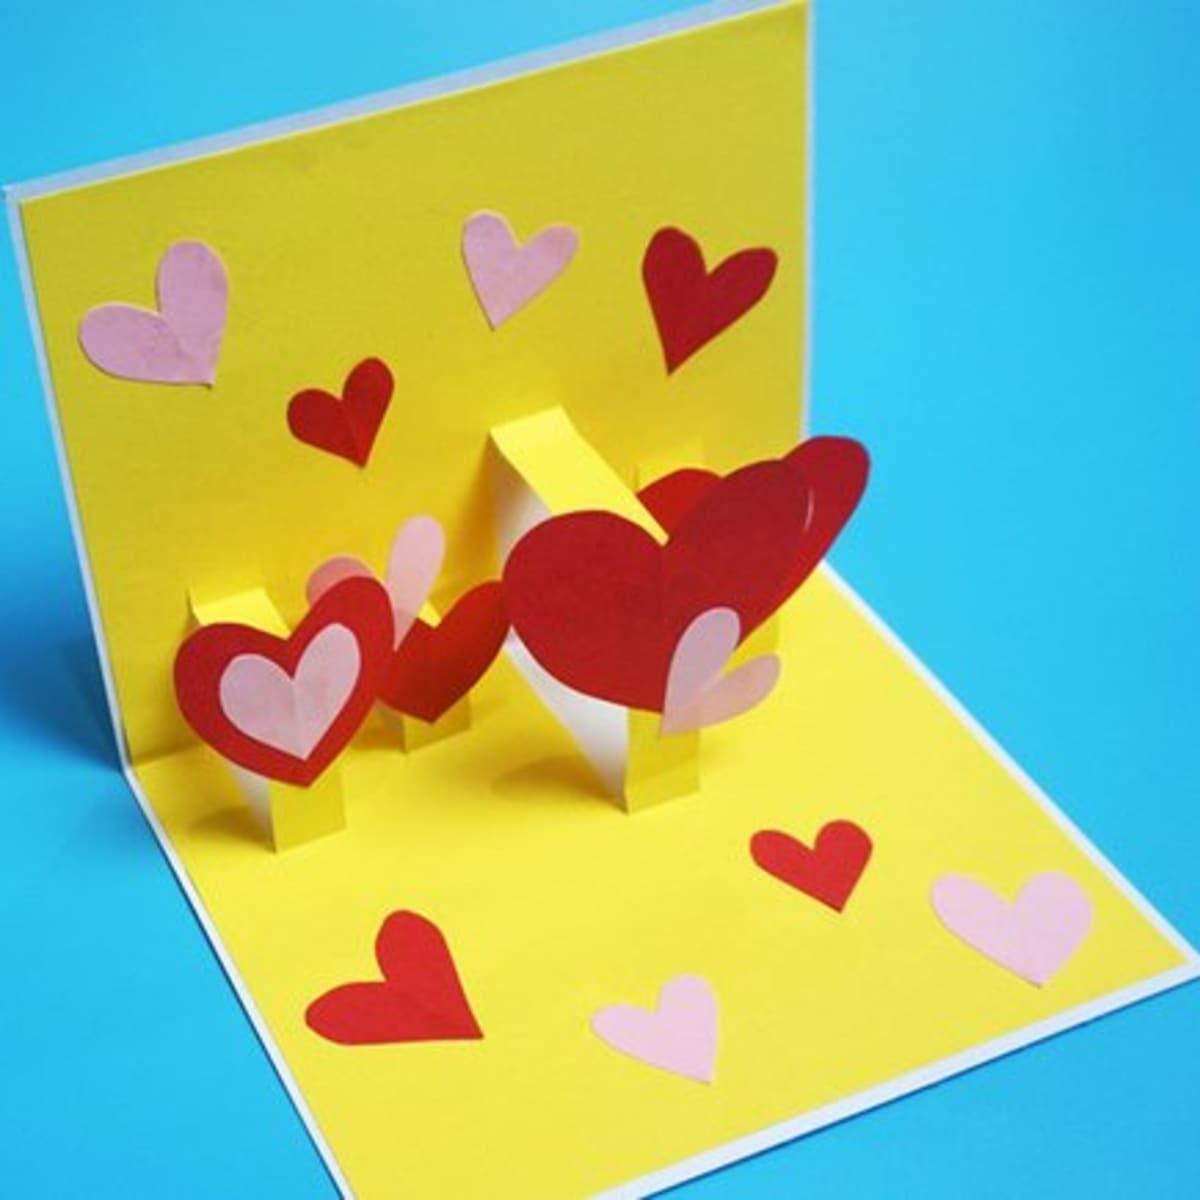 21 DIY Ideas for Making Pop-Up Cards - FeltMagnet Regarding 3d Heart Pop Up Card Template Pdf